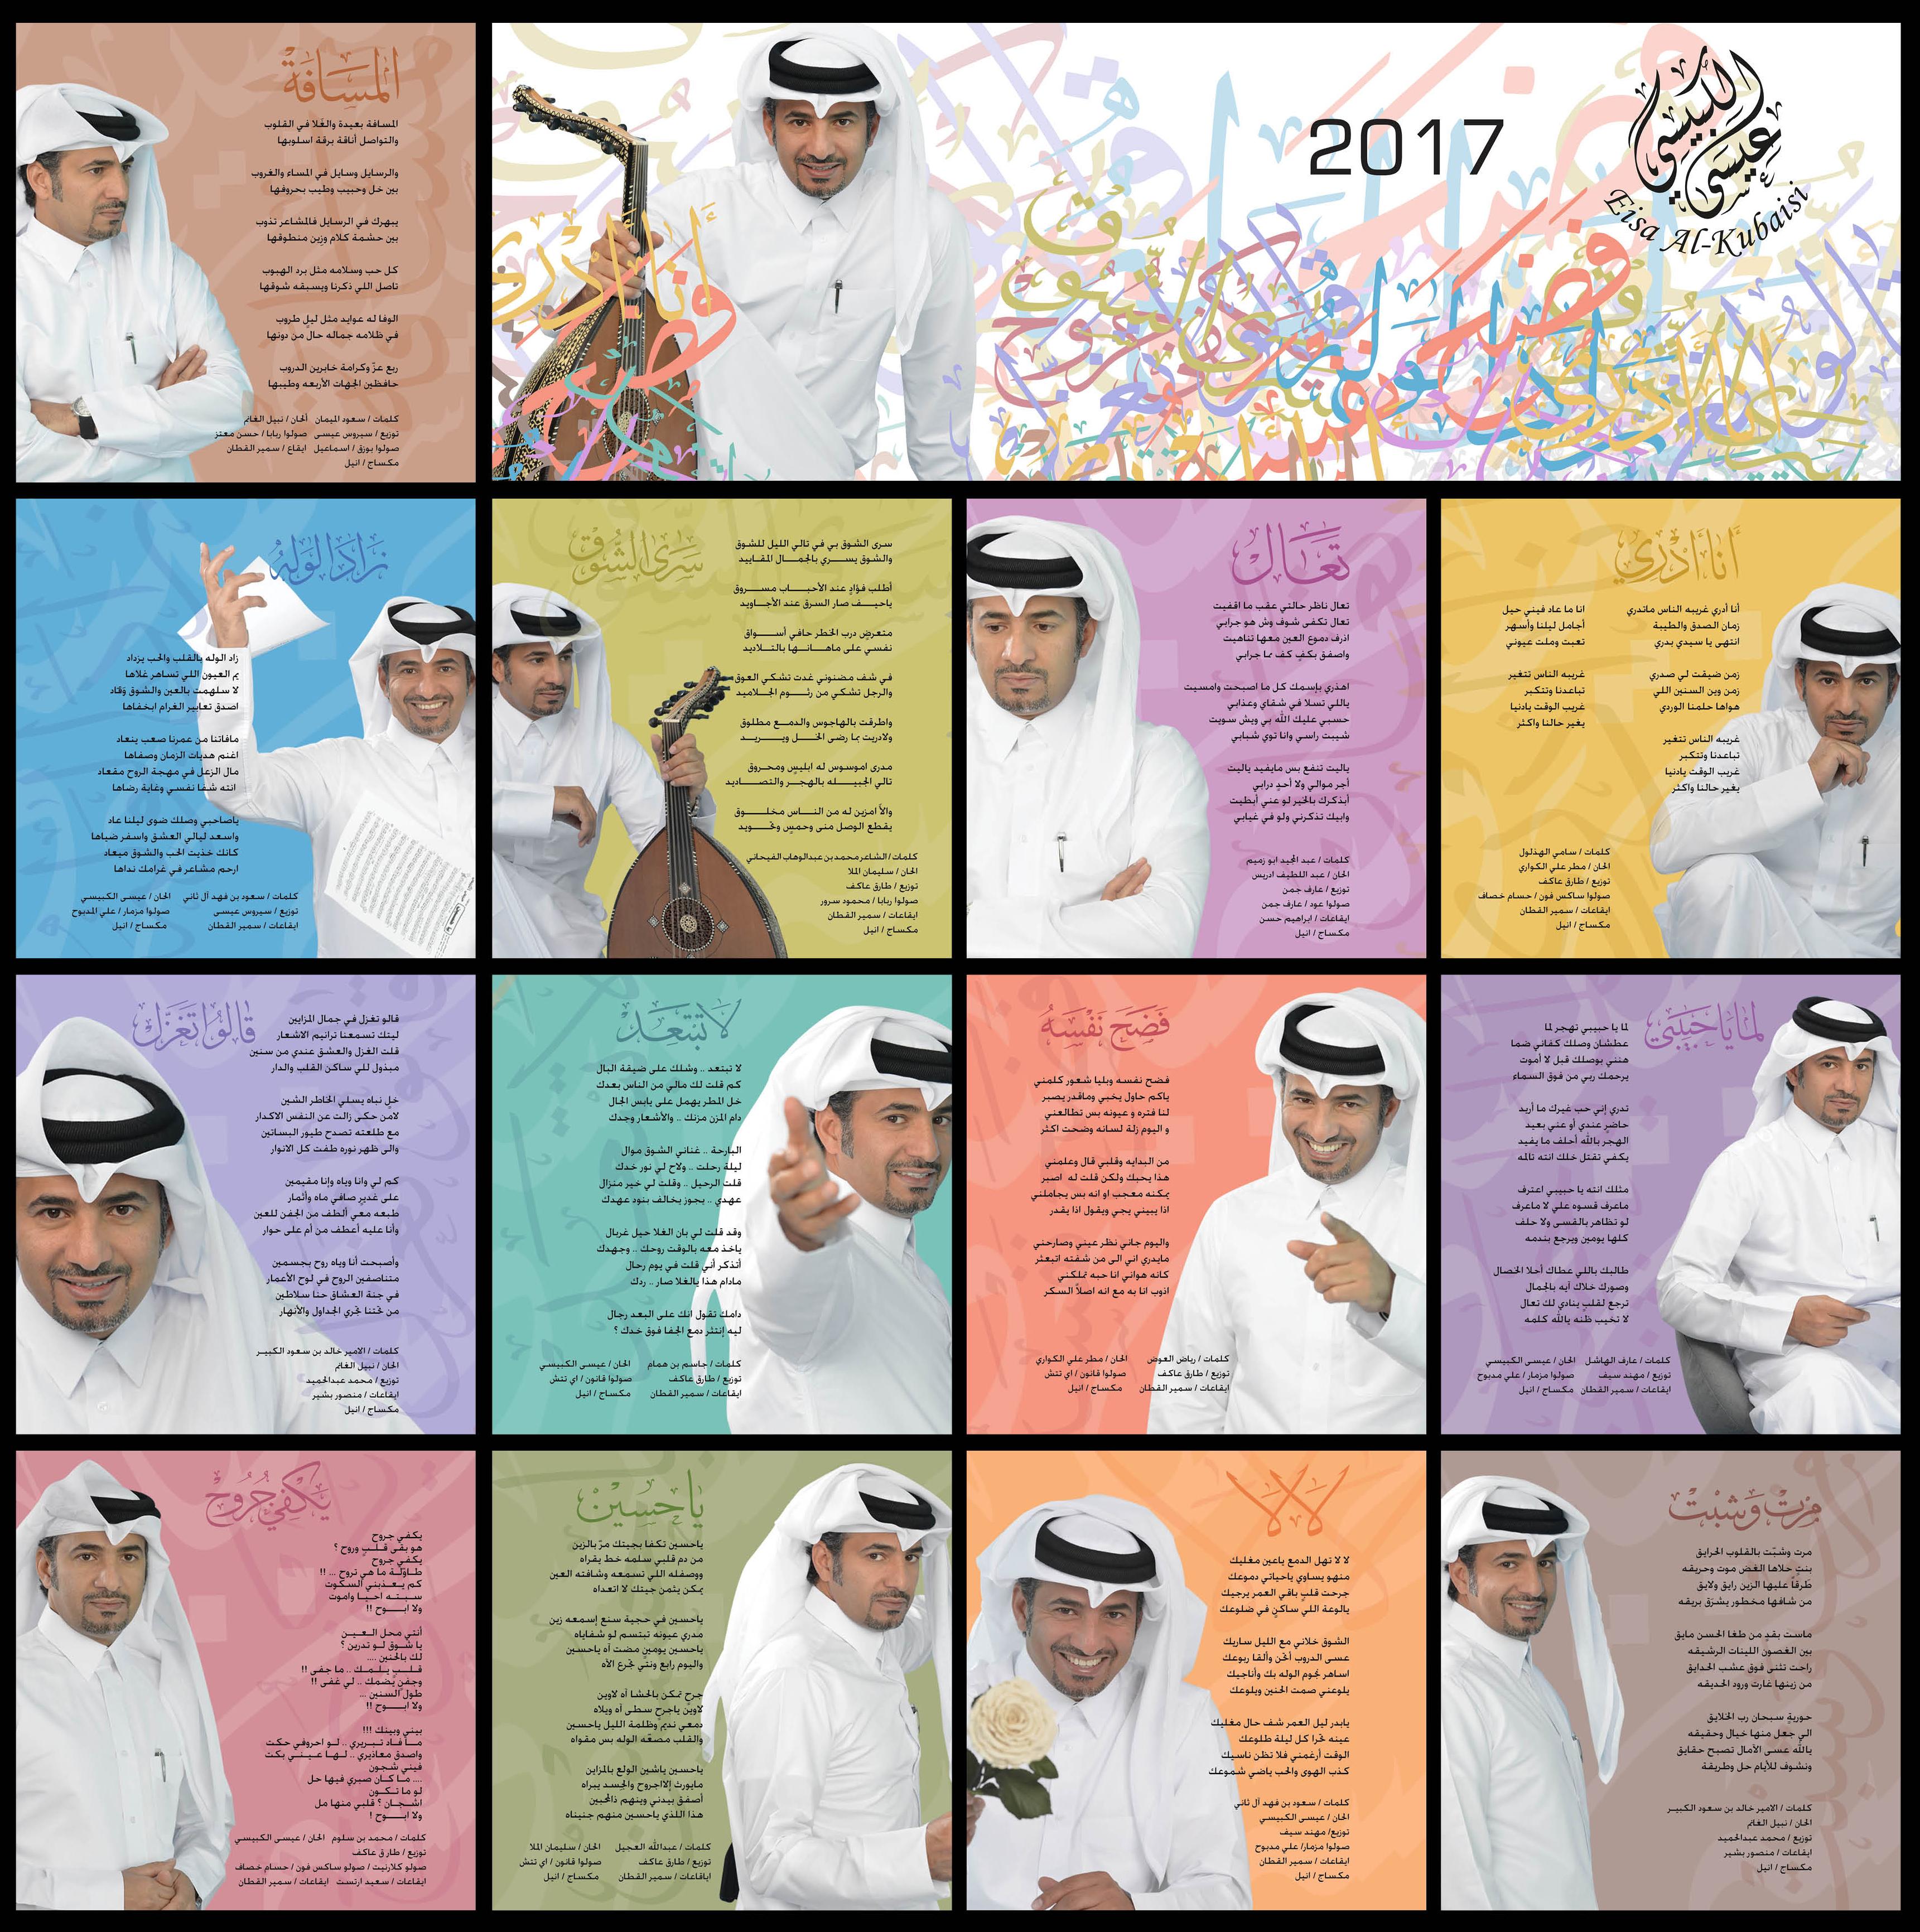 صورة قال أن الحصار يعد حافزا للفنان القطري لمزيد من الإبداع عيسى الكبيسي يطلق 13 أغنية طربية في ألبومه الجديد